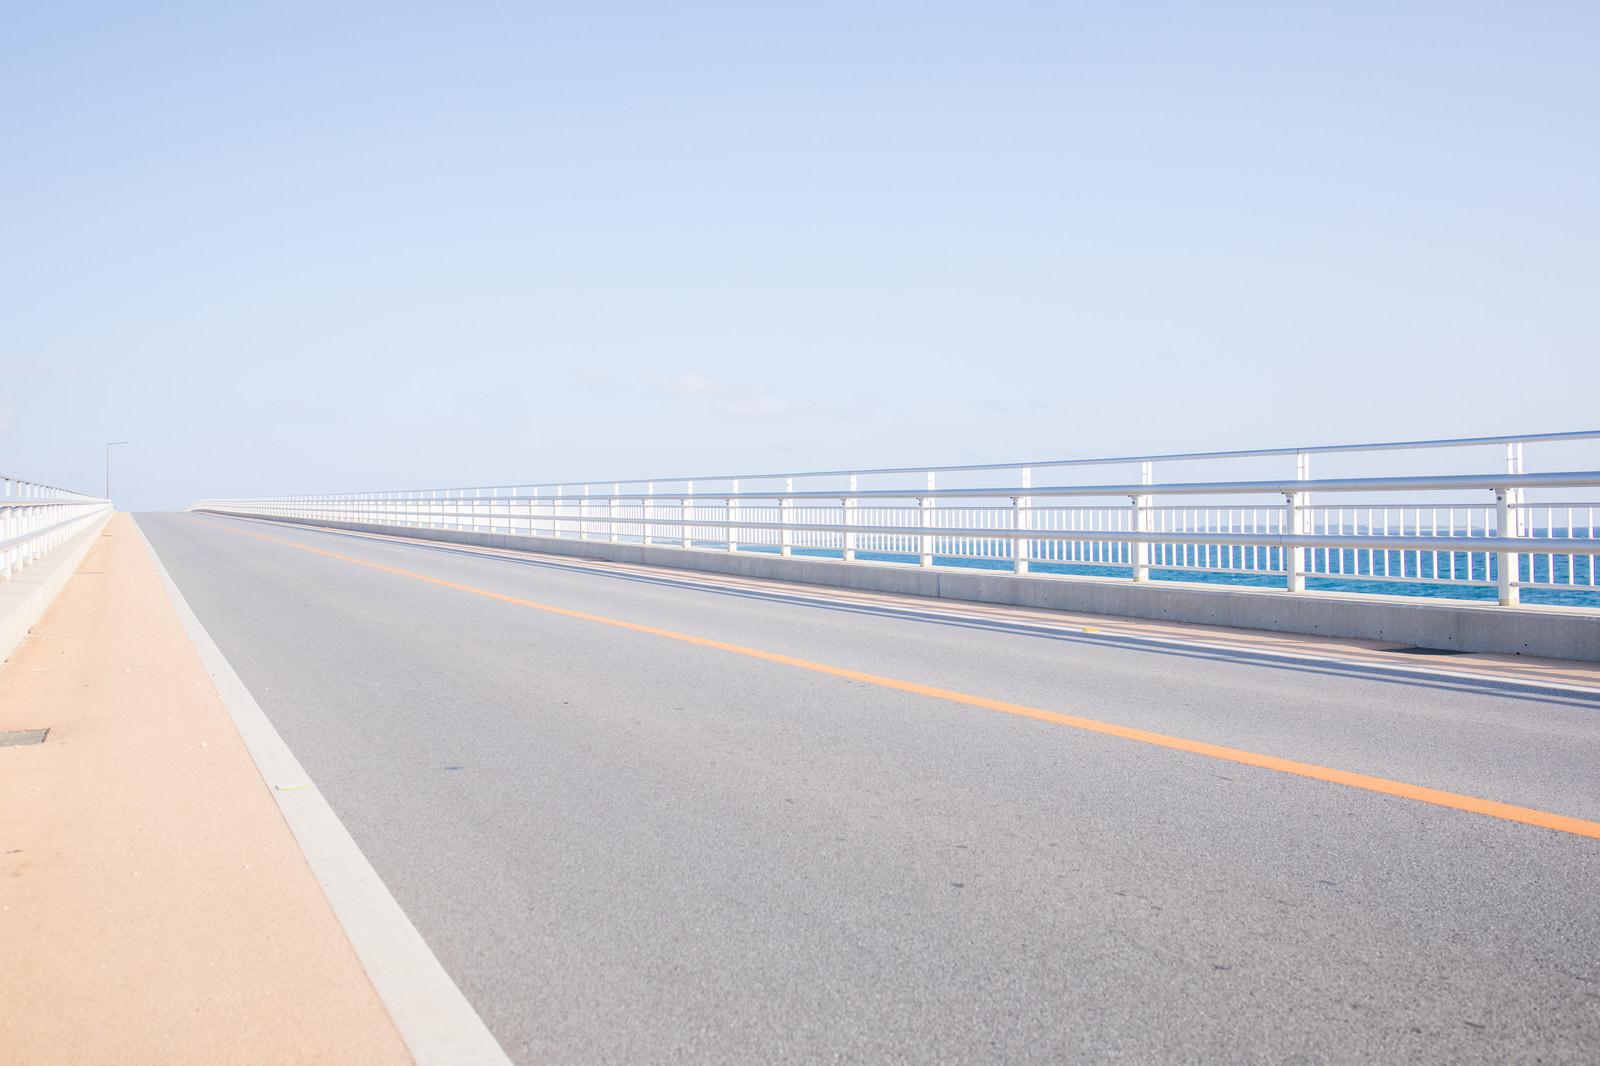 「どこまでも続く伊良部大橋の道路」の写真